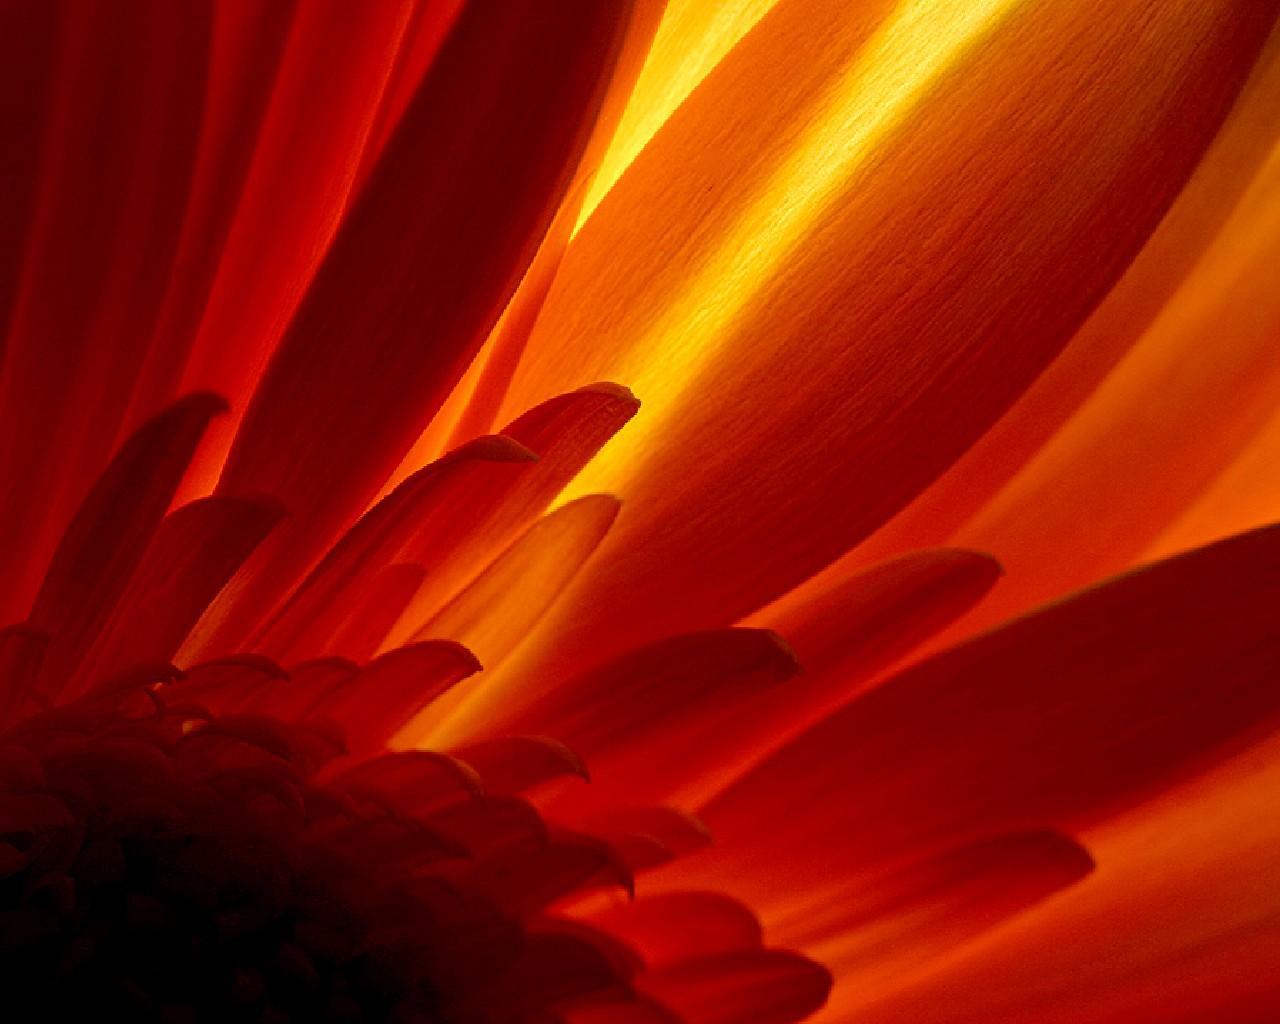 HD Wallpapers Glowing Flower